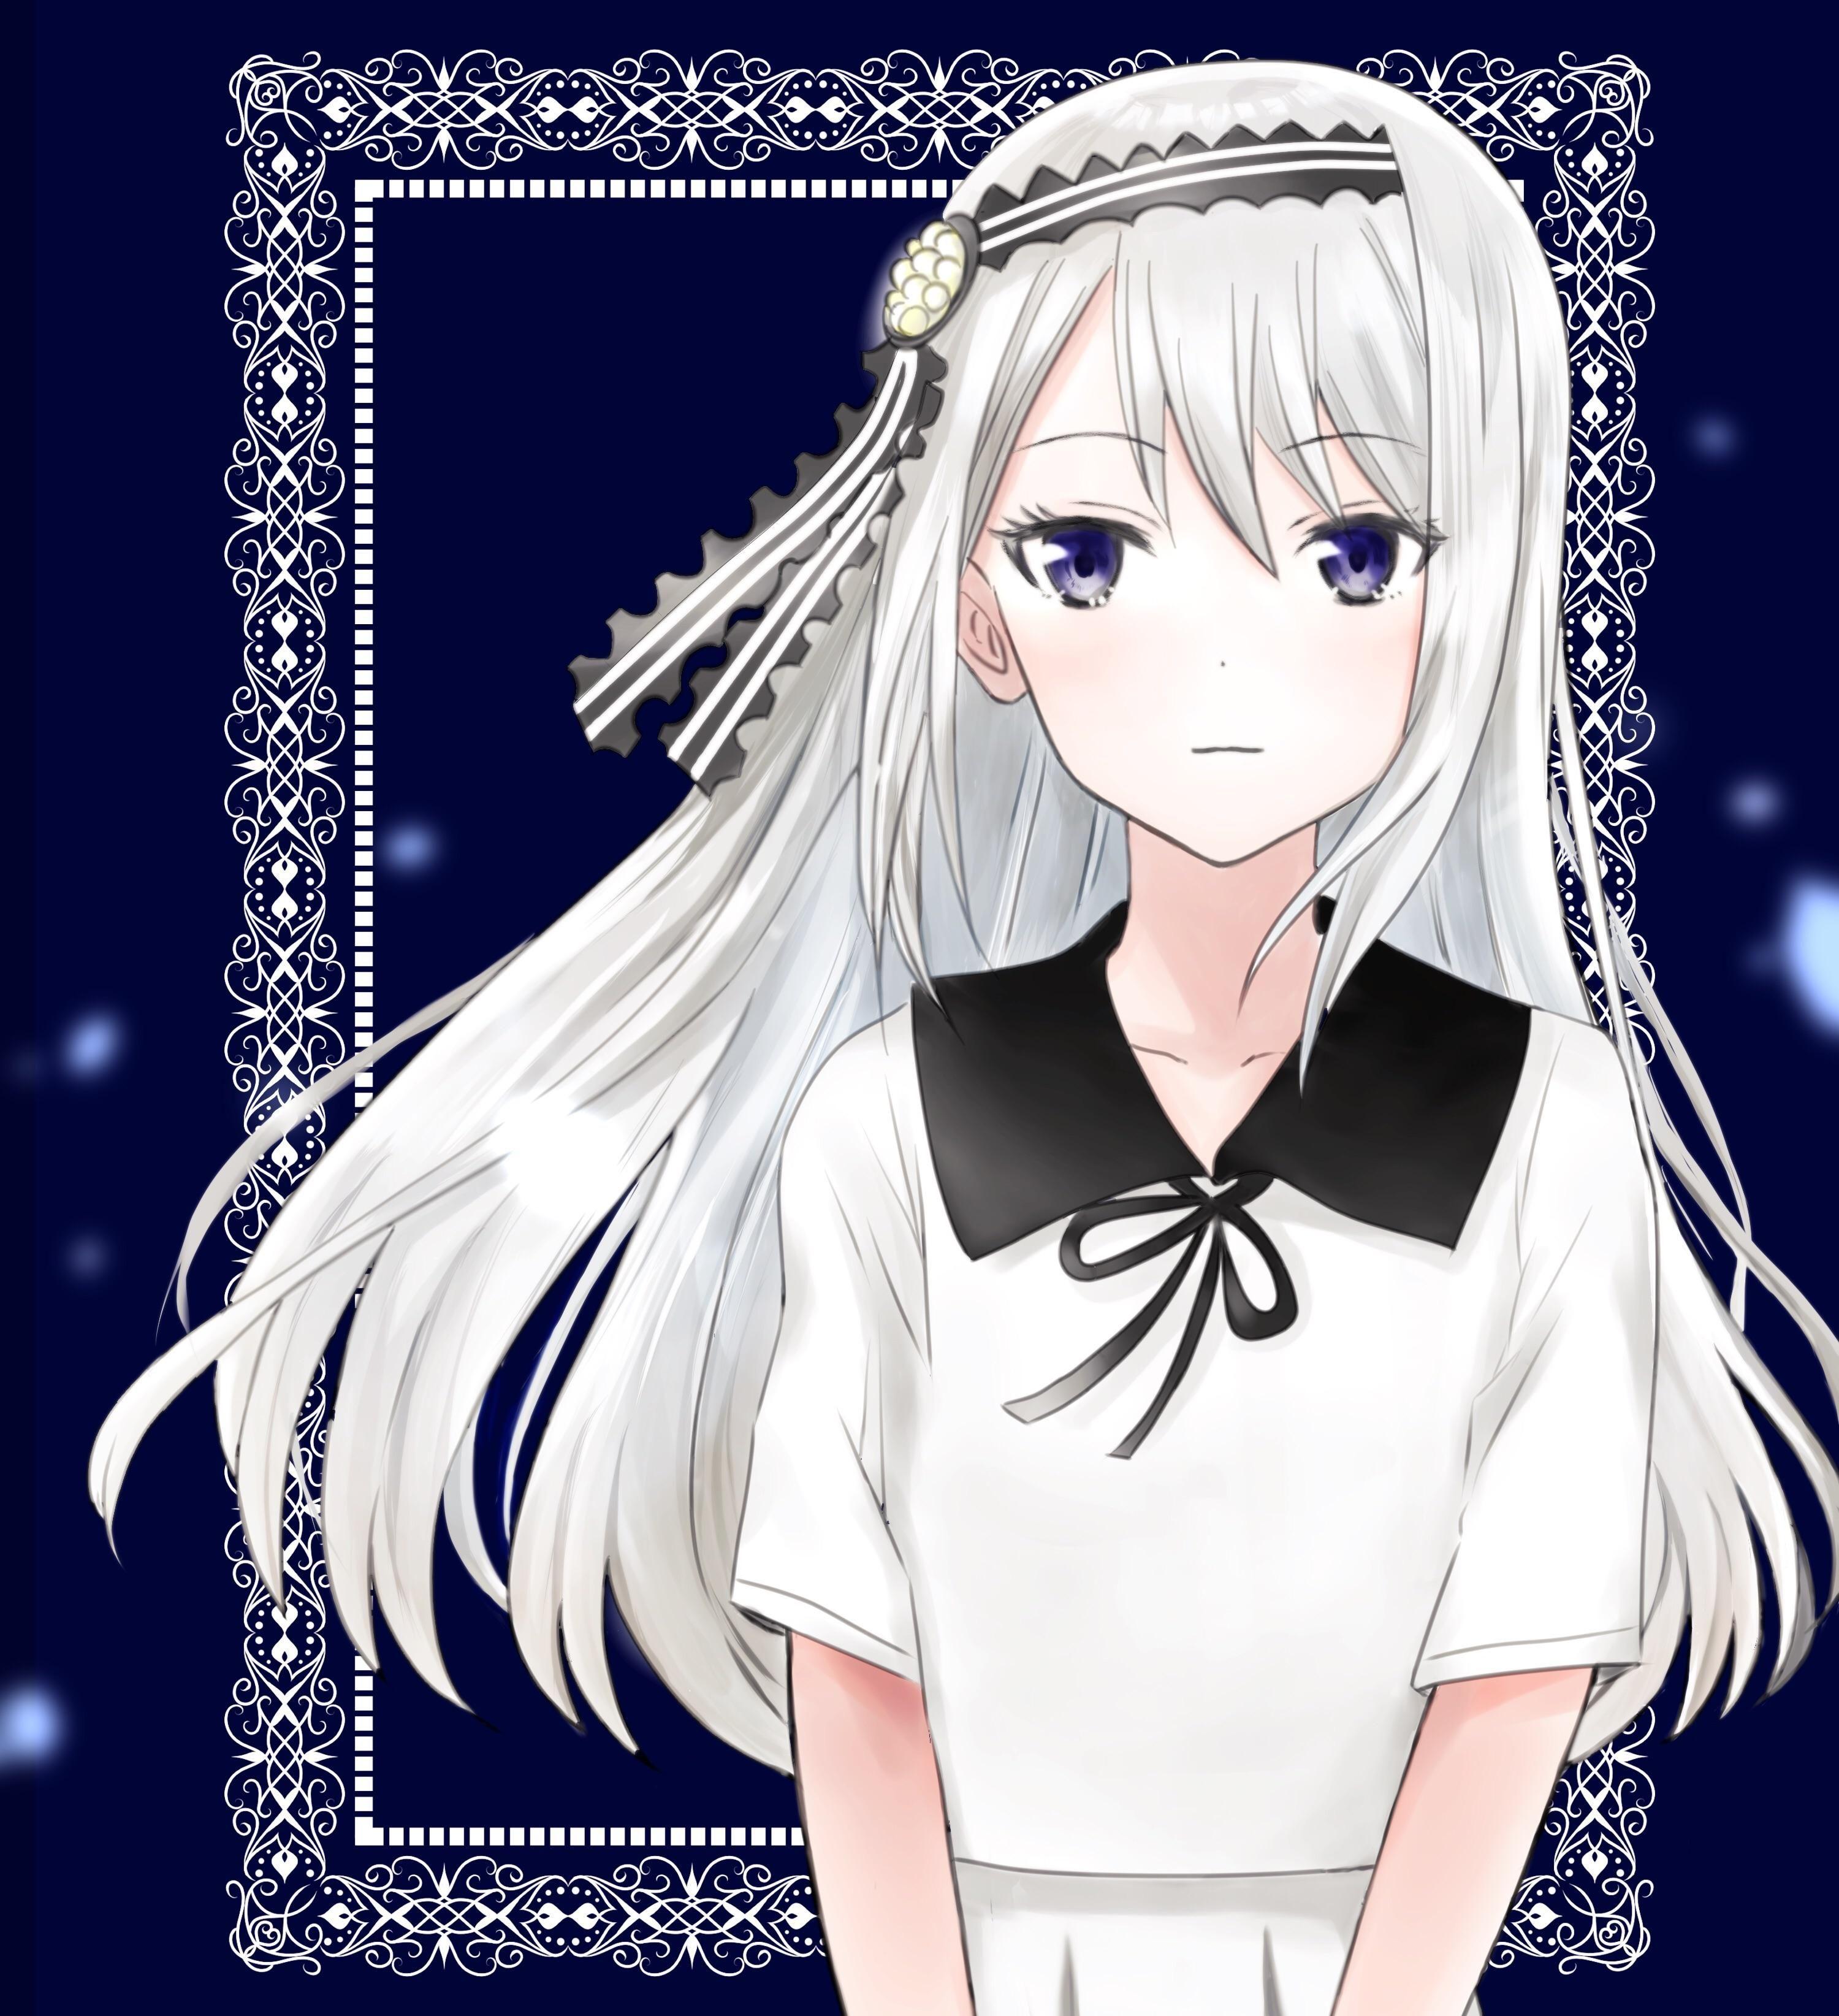 /r/Kaguya_sama Wants to Watch the Anime(画像あり) 日常系アニメ